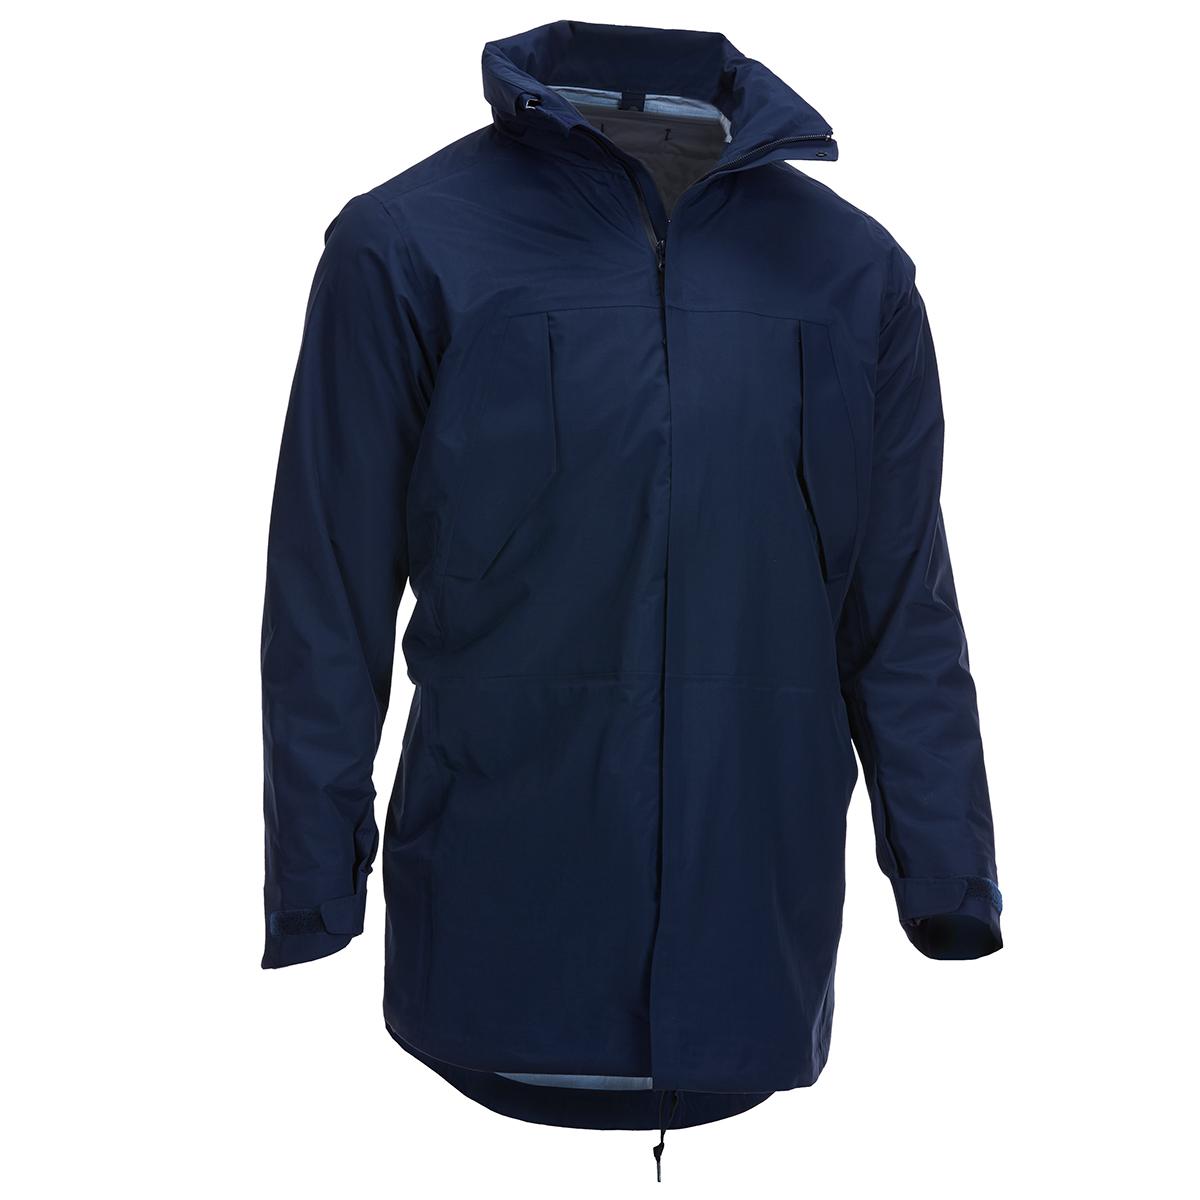 Karrimor Men's Pioneer 3-In-1 Jacket - Blue, M